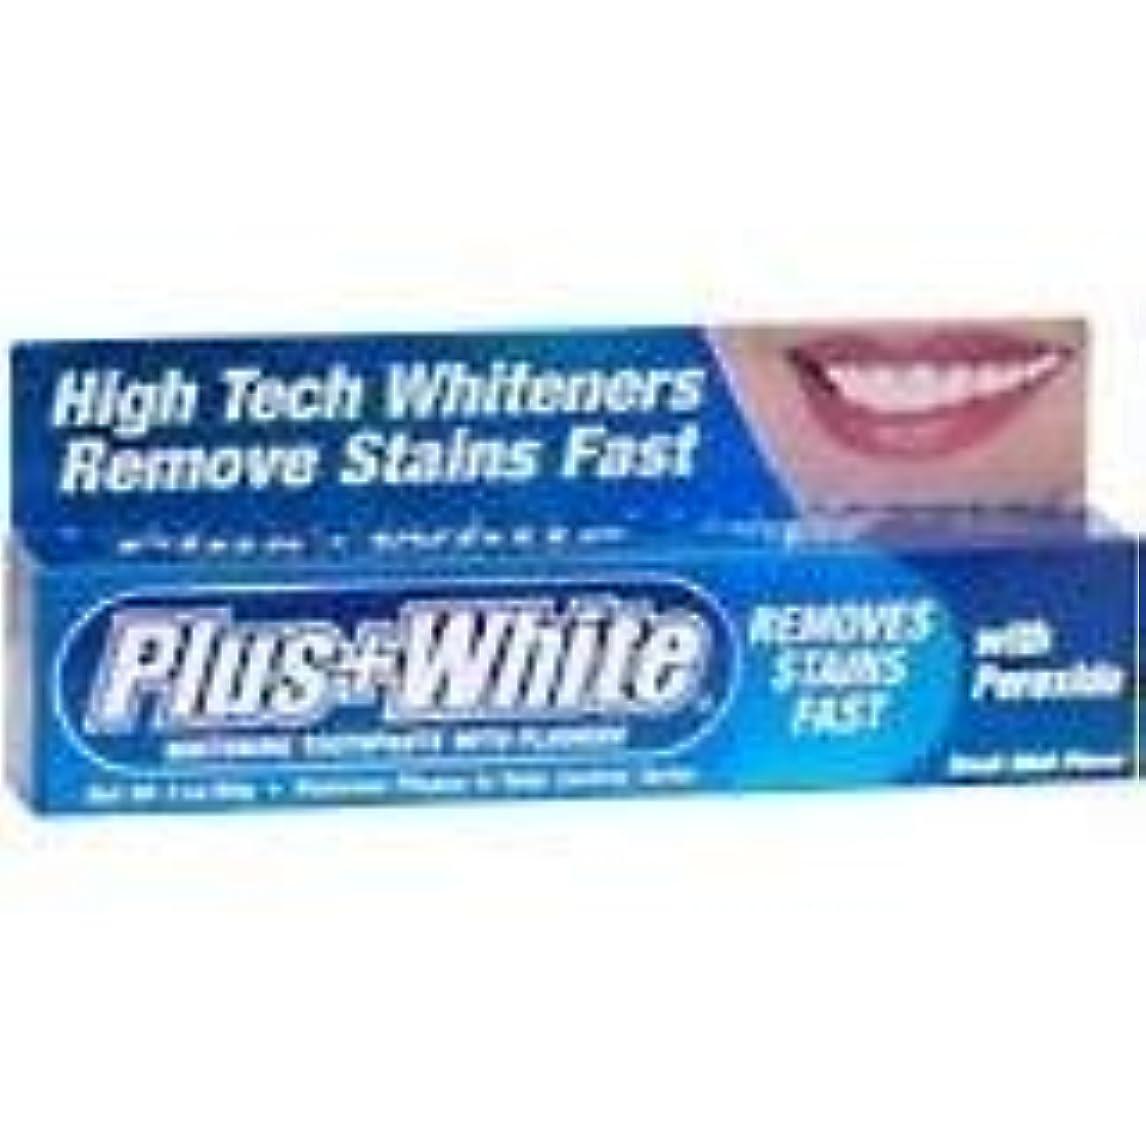 パス生き物責任Plus White 過酸化物とエクストラホワイトニング歯磨き(1パック)